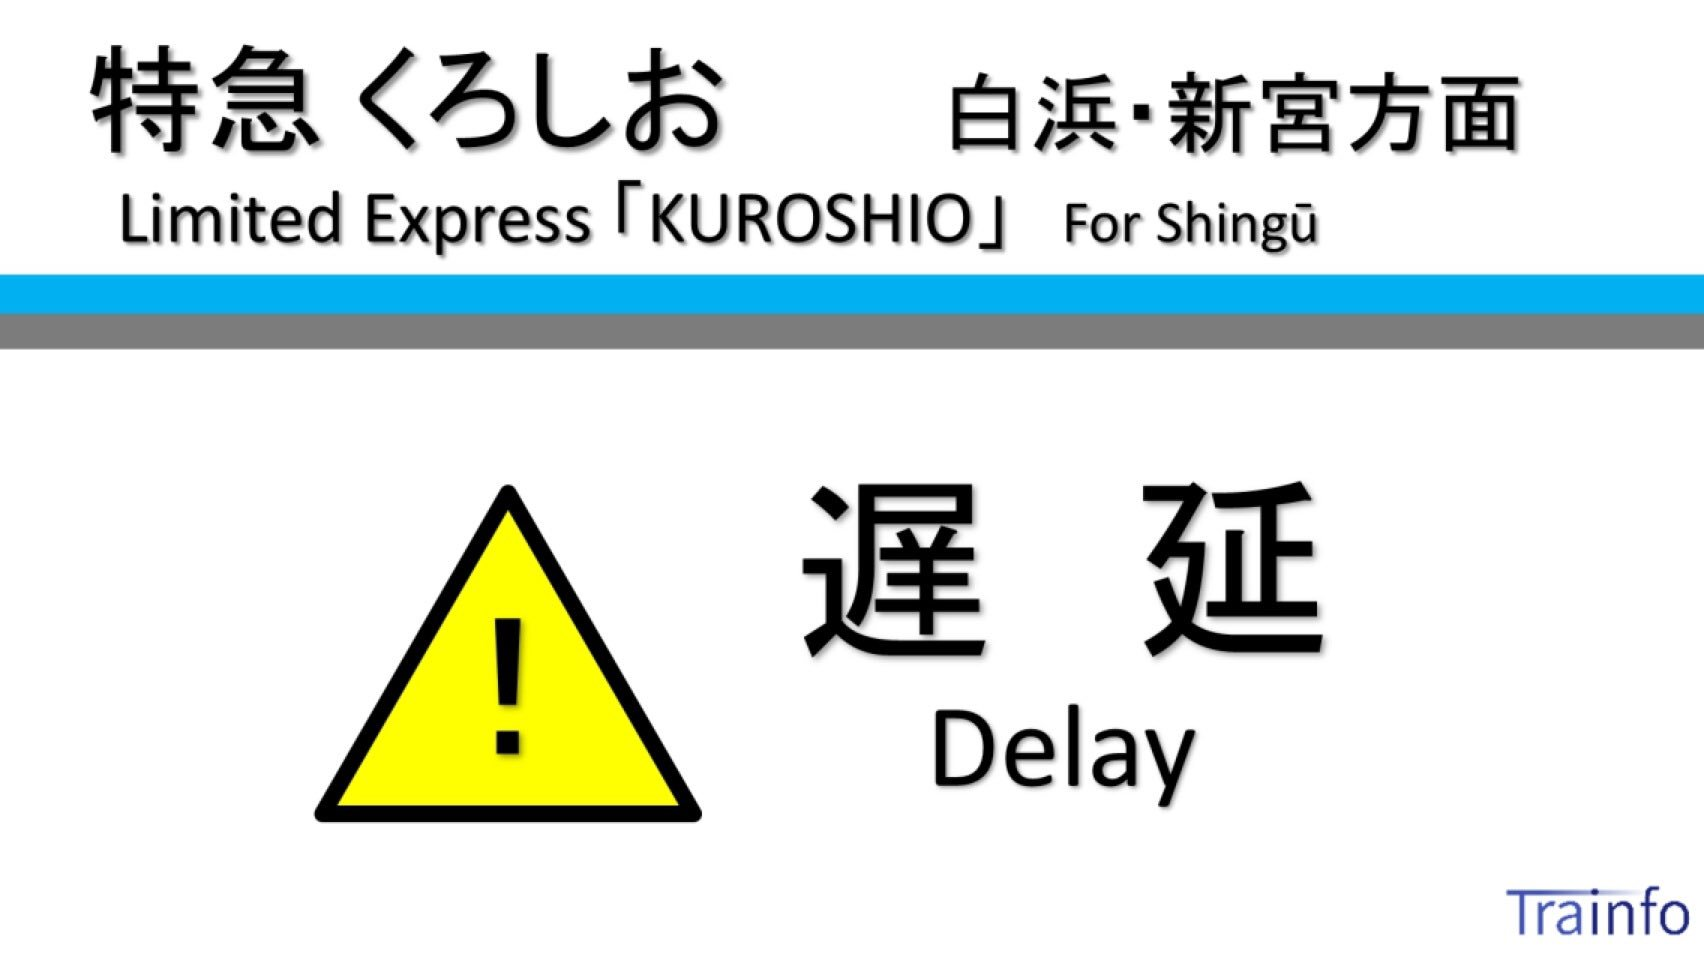 画像,【特急くろしお 上下線 遅延情報】特急くろしおは、9:55頃、阪和線内での線路内人立入の影響で、以下の列車に遅れがでています。「くろしお5号 新宮行」15分程度…